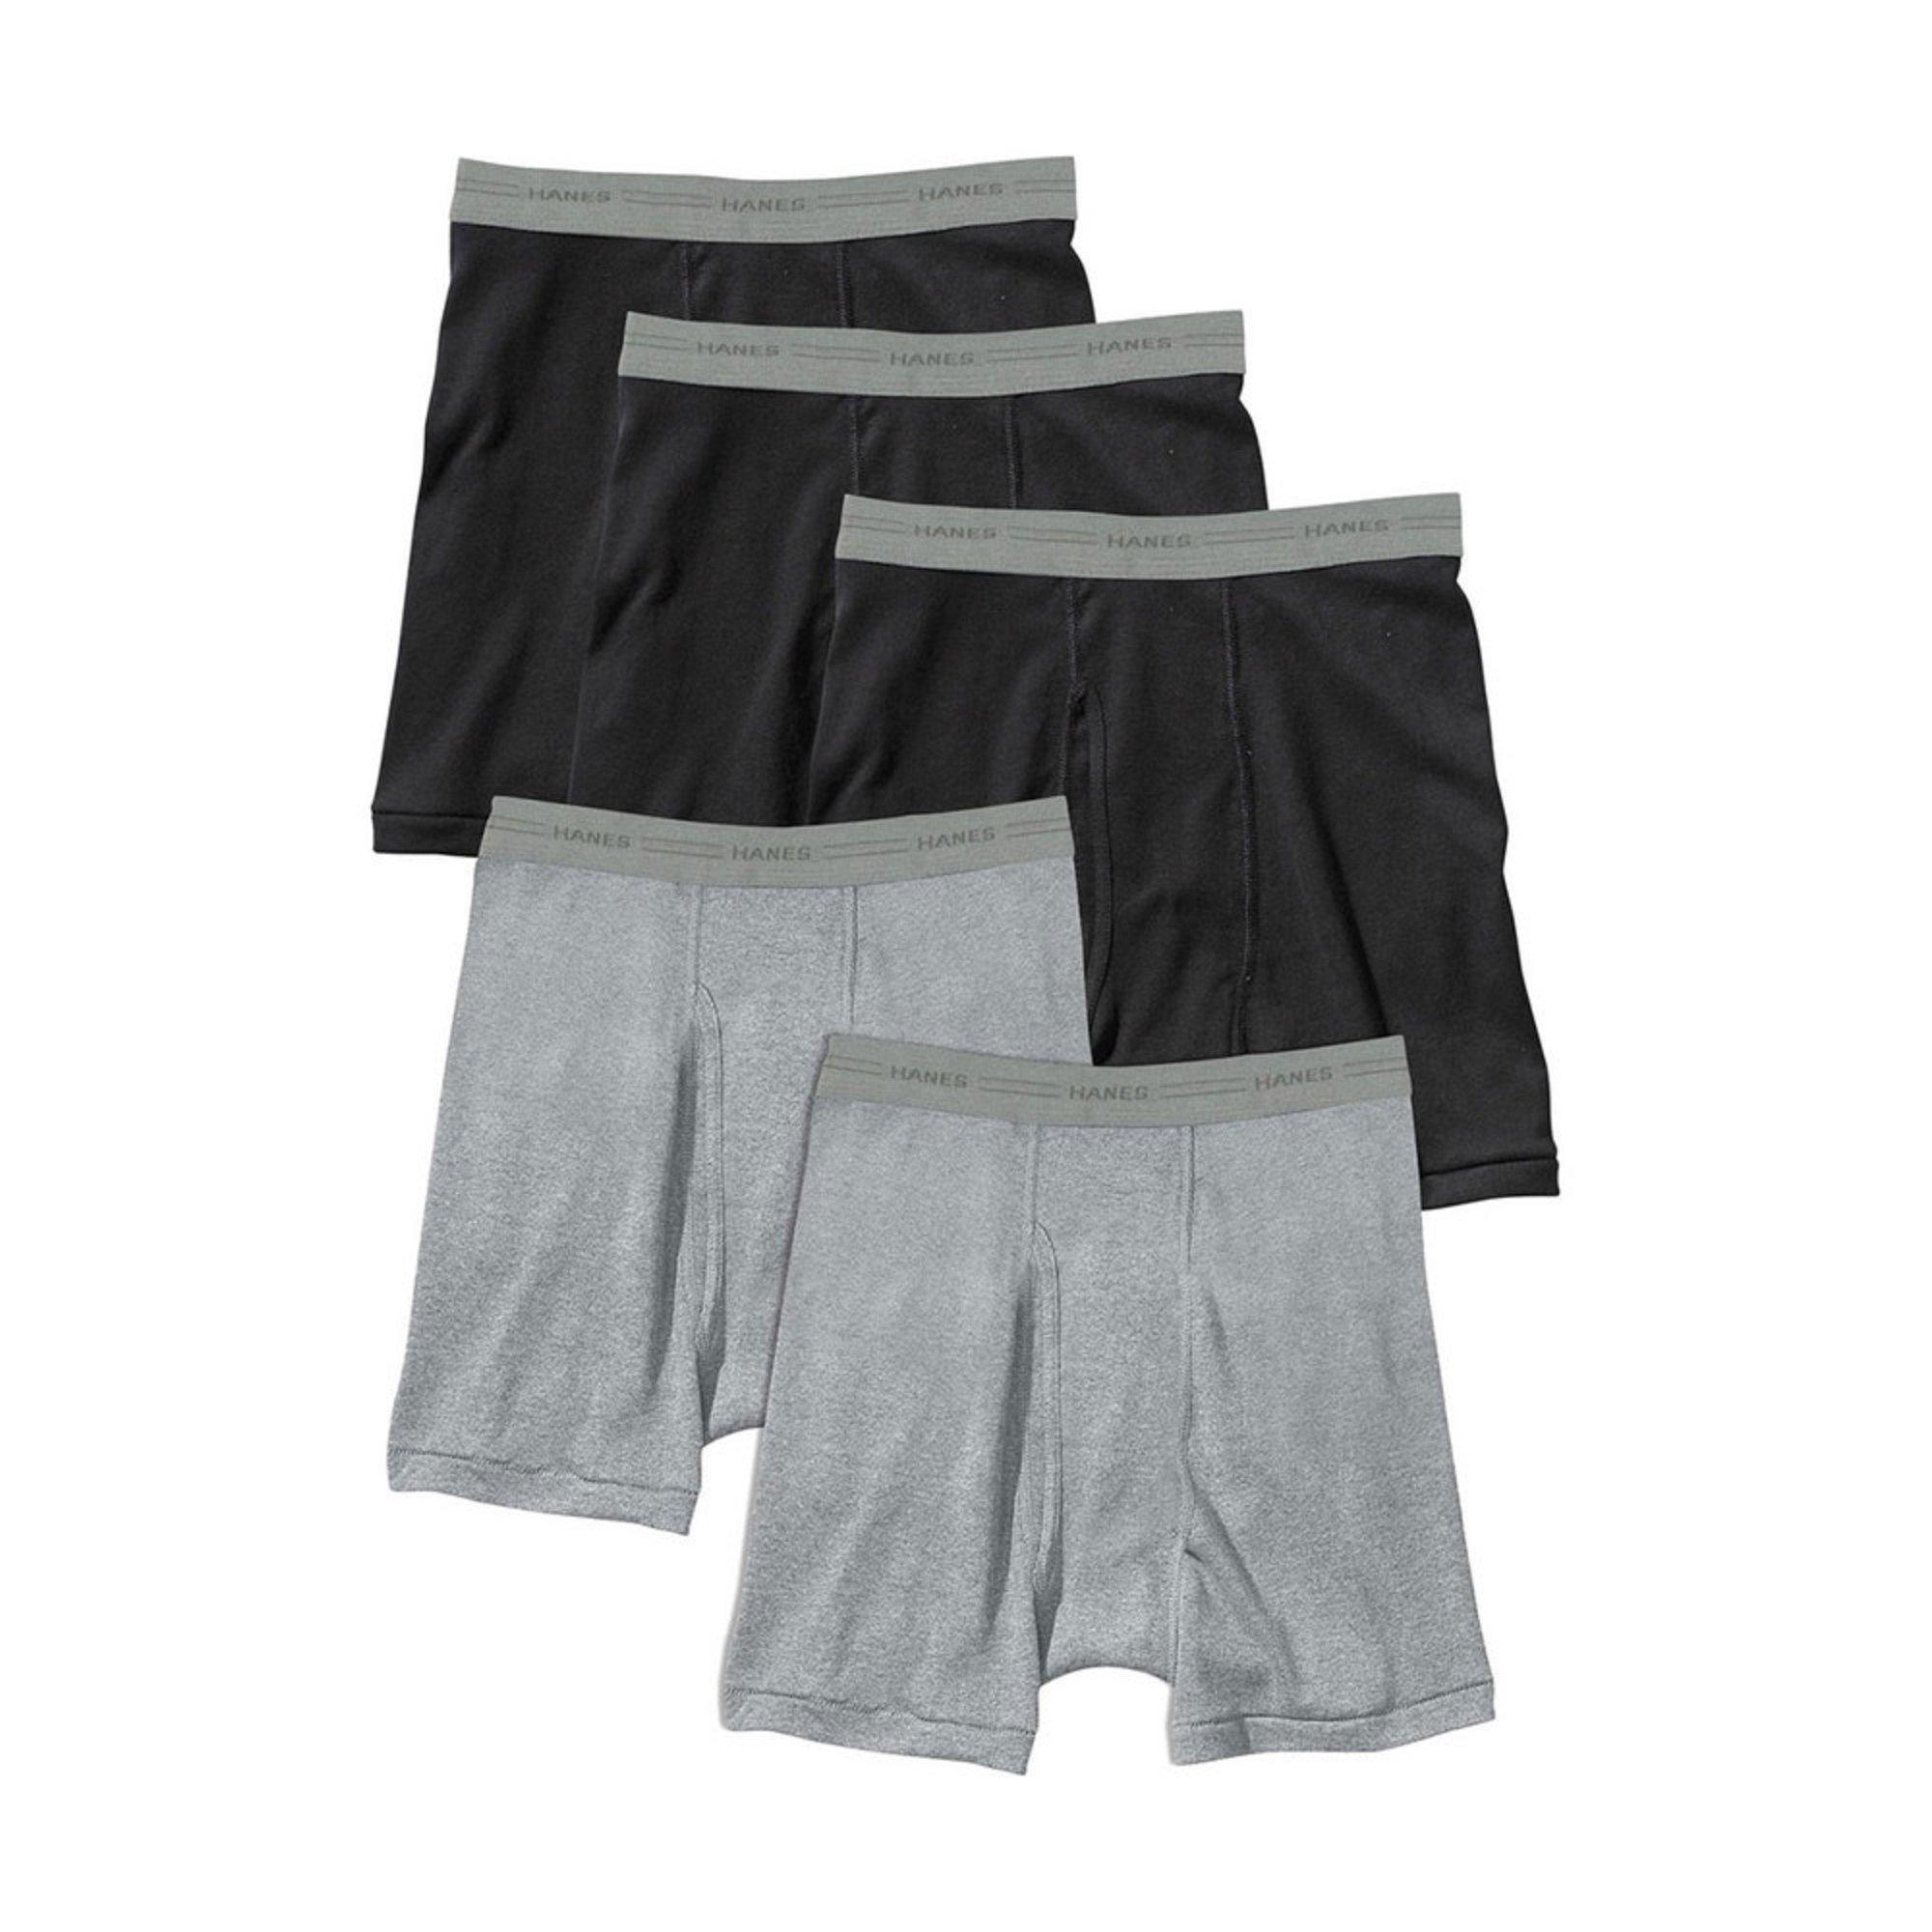 7e2804fa5eca Hanes Men's 5-pack Boxer Briefs | Men's Underwear | Apparel - Shop Your  Navy Exchange - Official Site